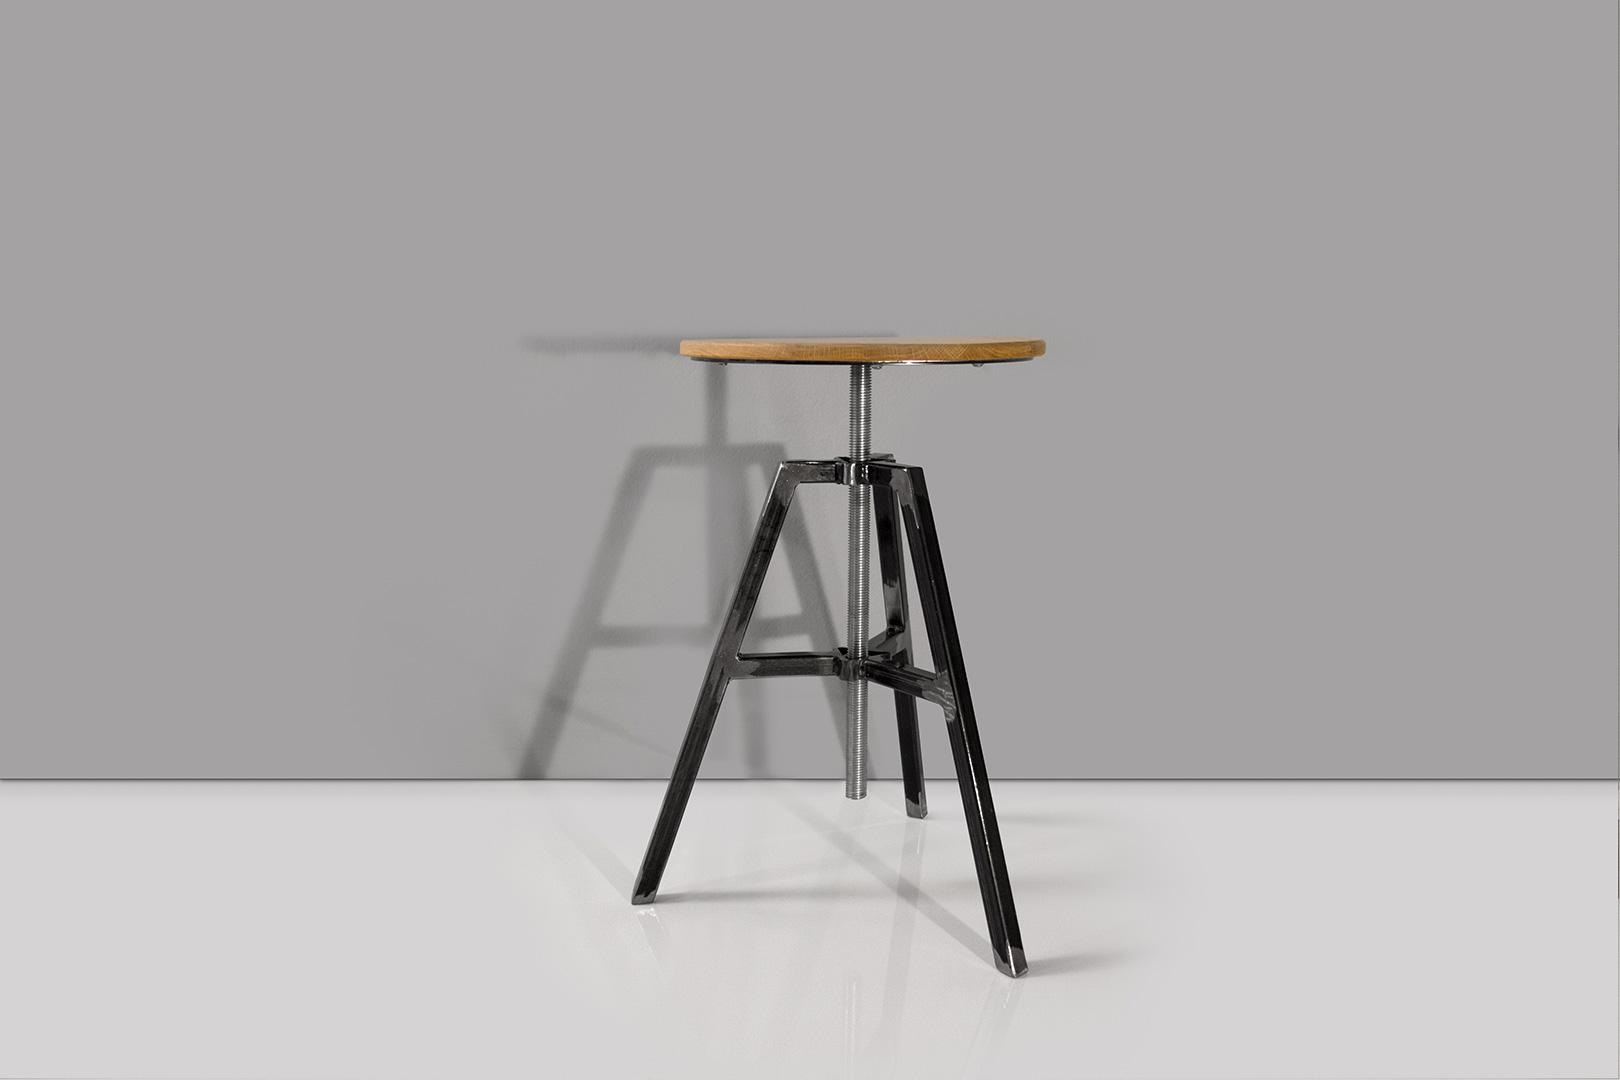 Gesamtansicht des höhenverstellbaren Hockers von bellovillo.de. Stabile Metallkonstruktion und Eichenholzsitzfläche